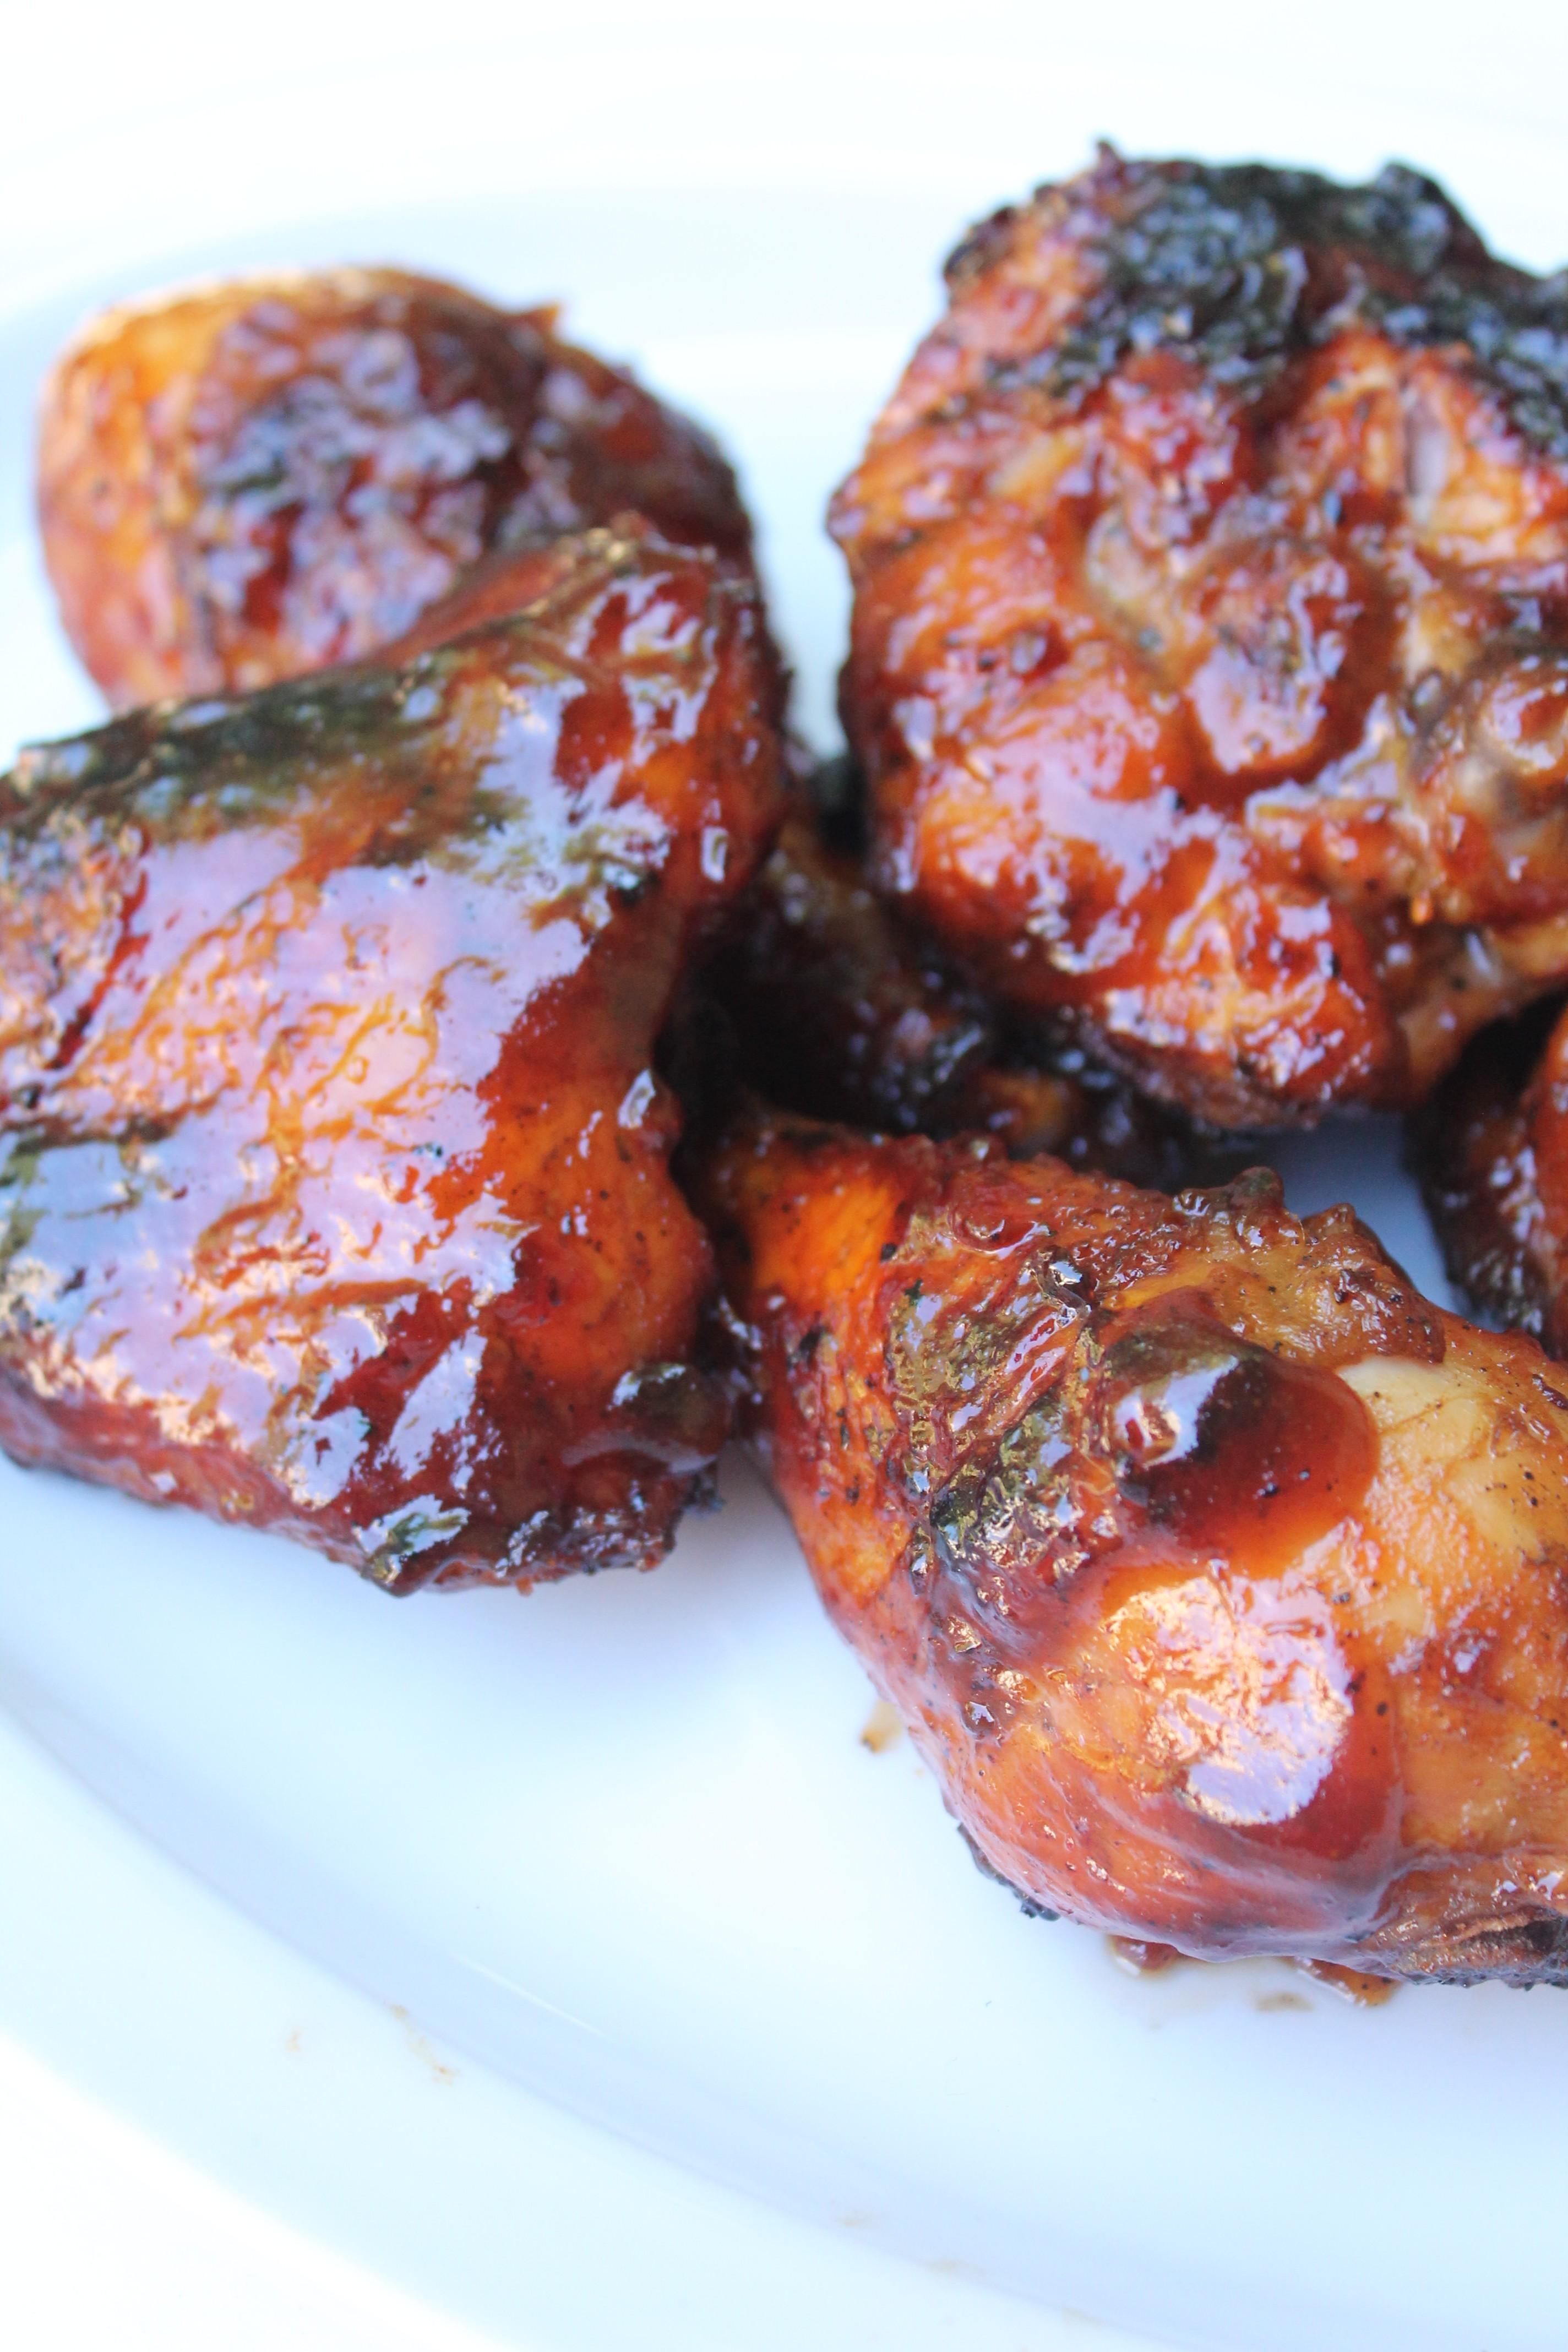 Hickory Smoked Barbecue Chicken Recipe I Heart Recipes